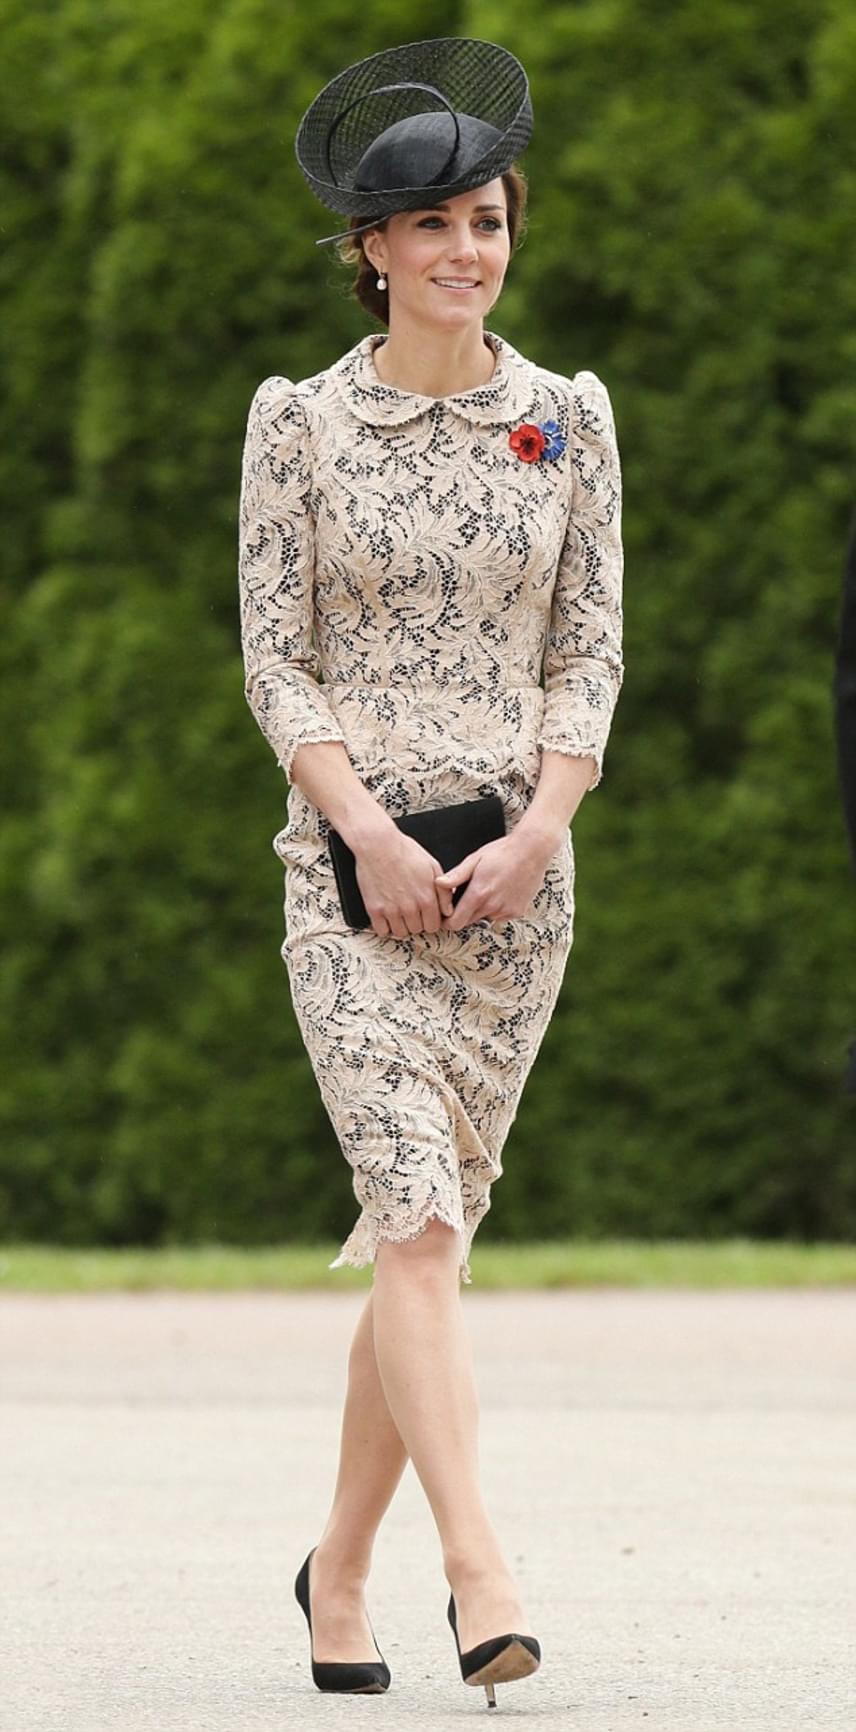 Hiába volt csinos Katalin hercegné, senki nem törődött a ruhájával. Ezúttal mindenkit az foglalkoztatott, milyen varázslat áll a lebegése mögött.